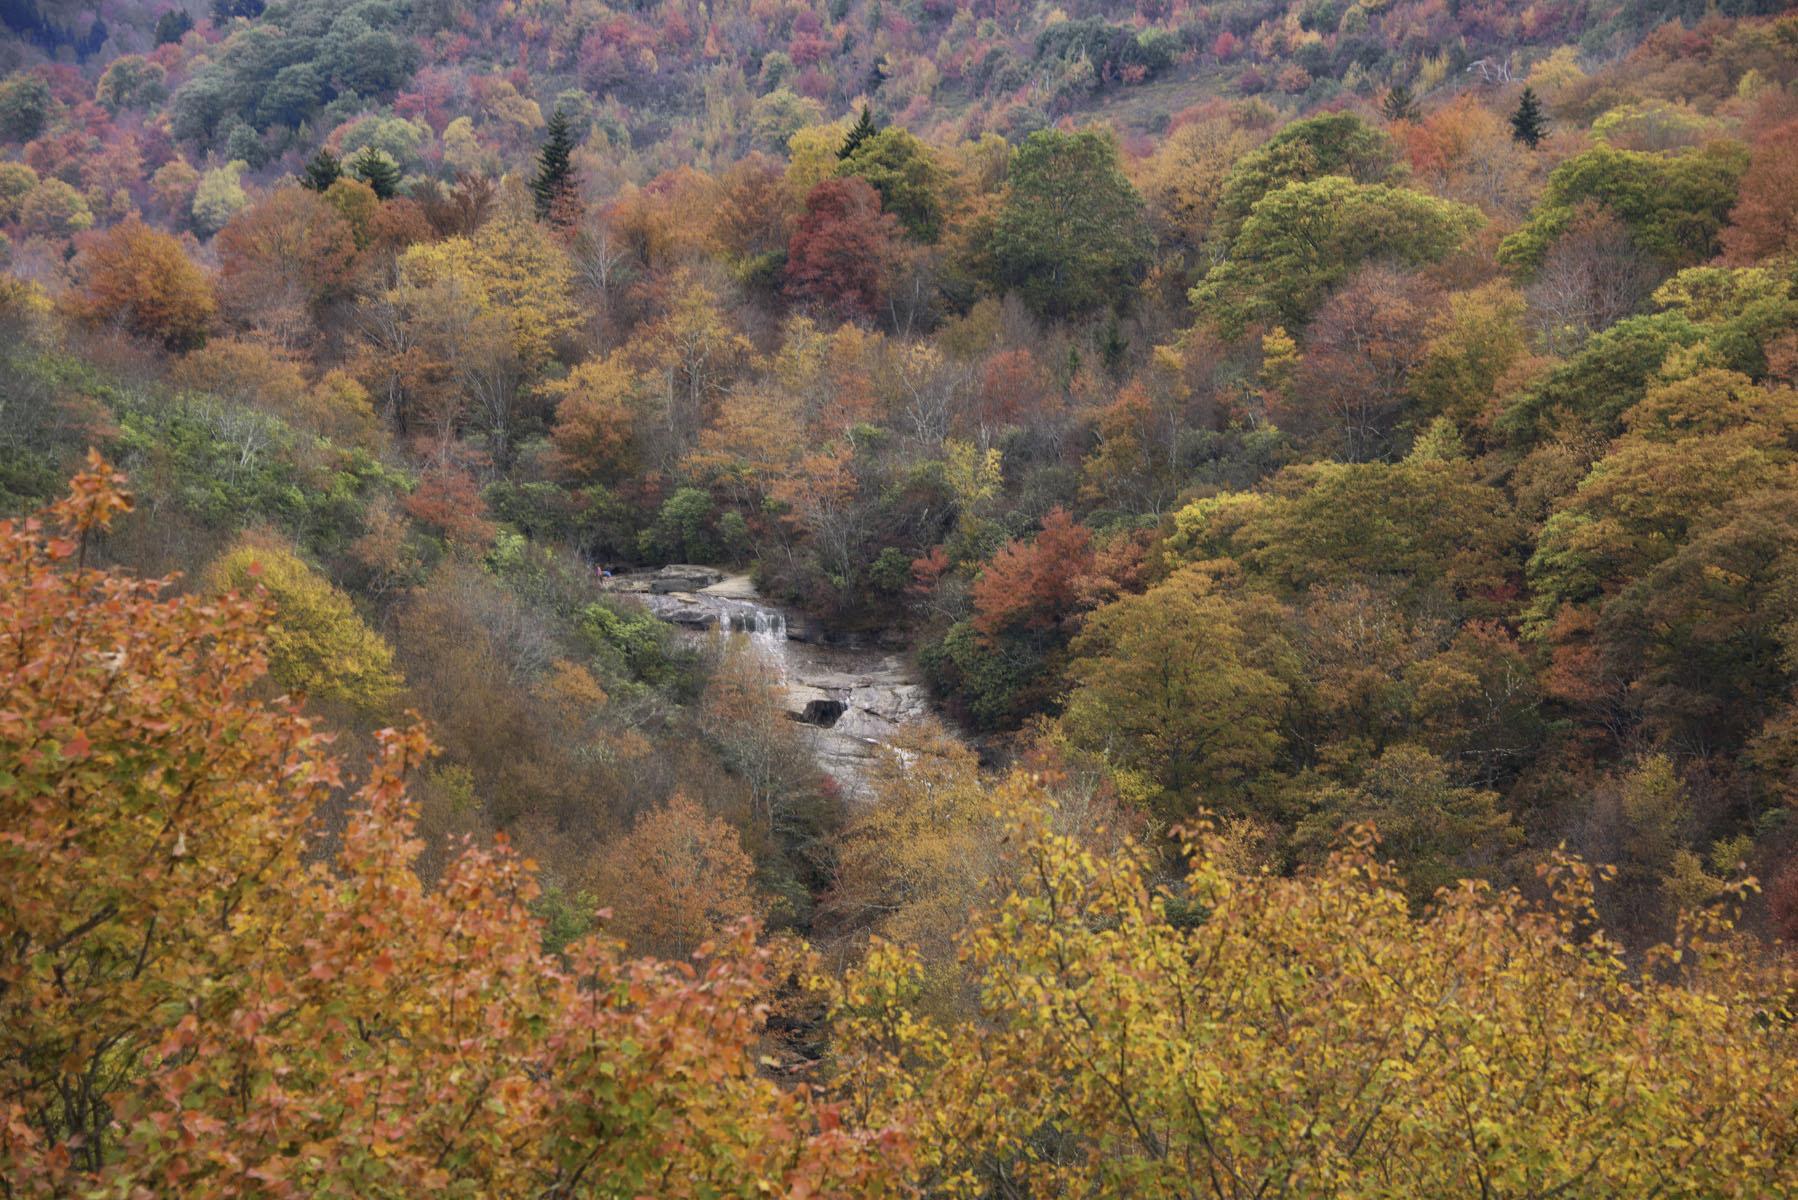 Fall Foliage at Yellowstone Falls Waterfall on Blue Ridge Parkway